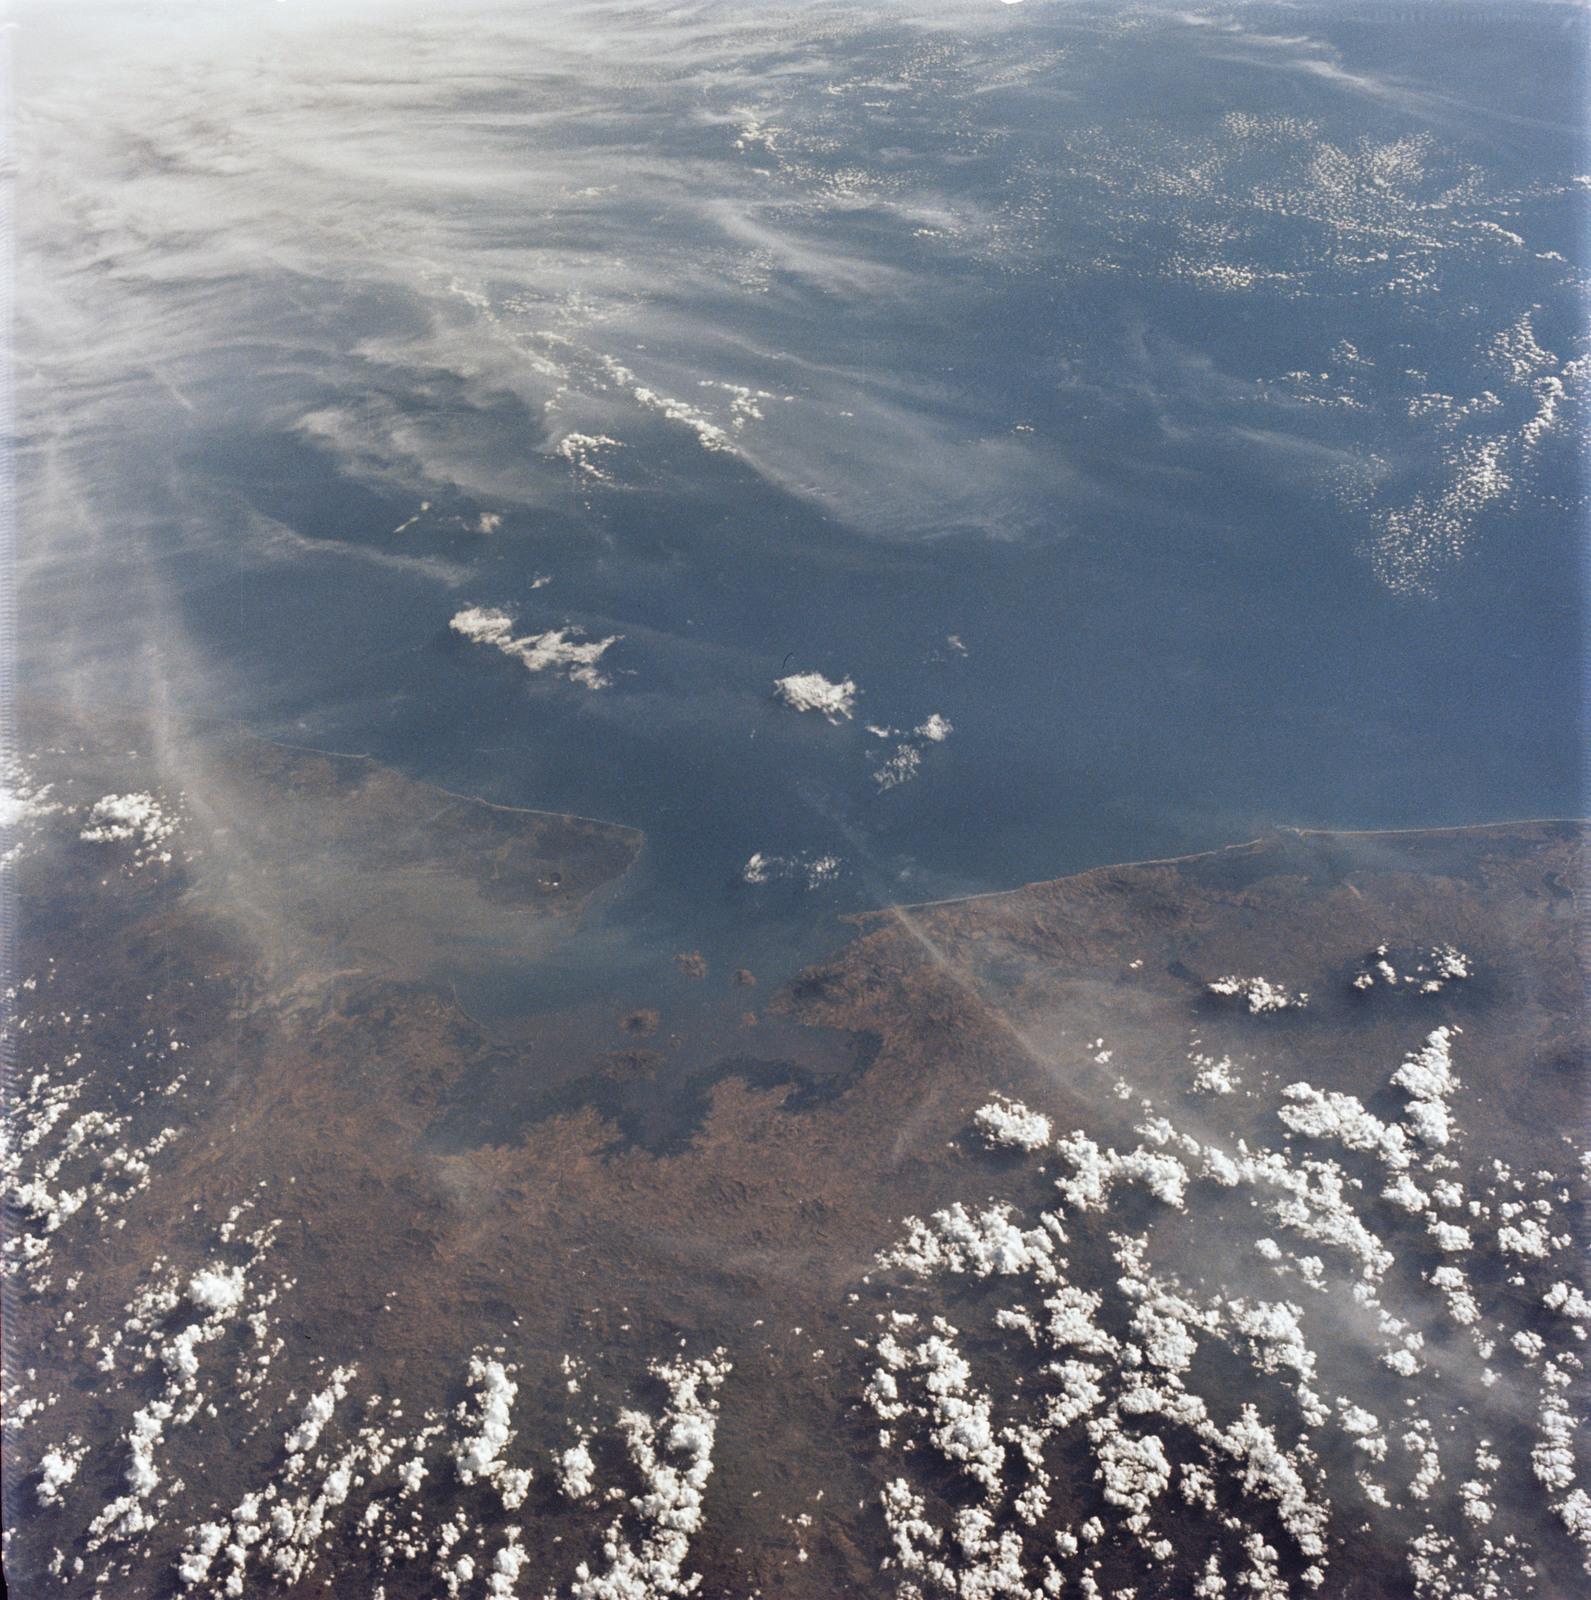 AS09-22-3373 - Apollo 9 - Apollo 9 Mission image - Earth Observations - Honduras, El Salvador, Nicaragua